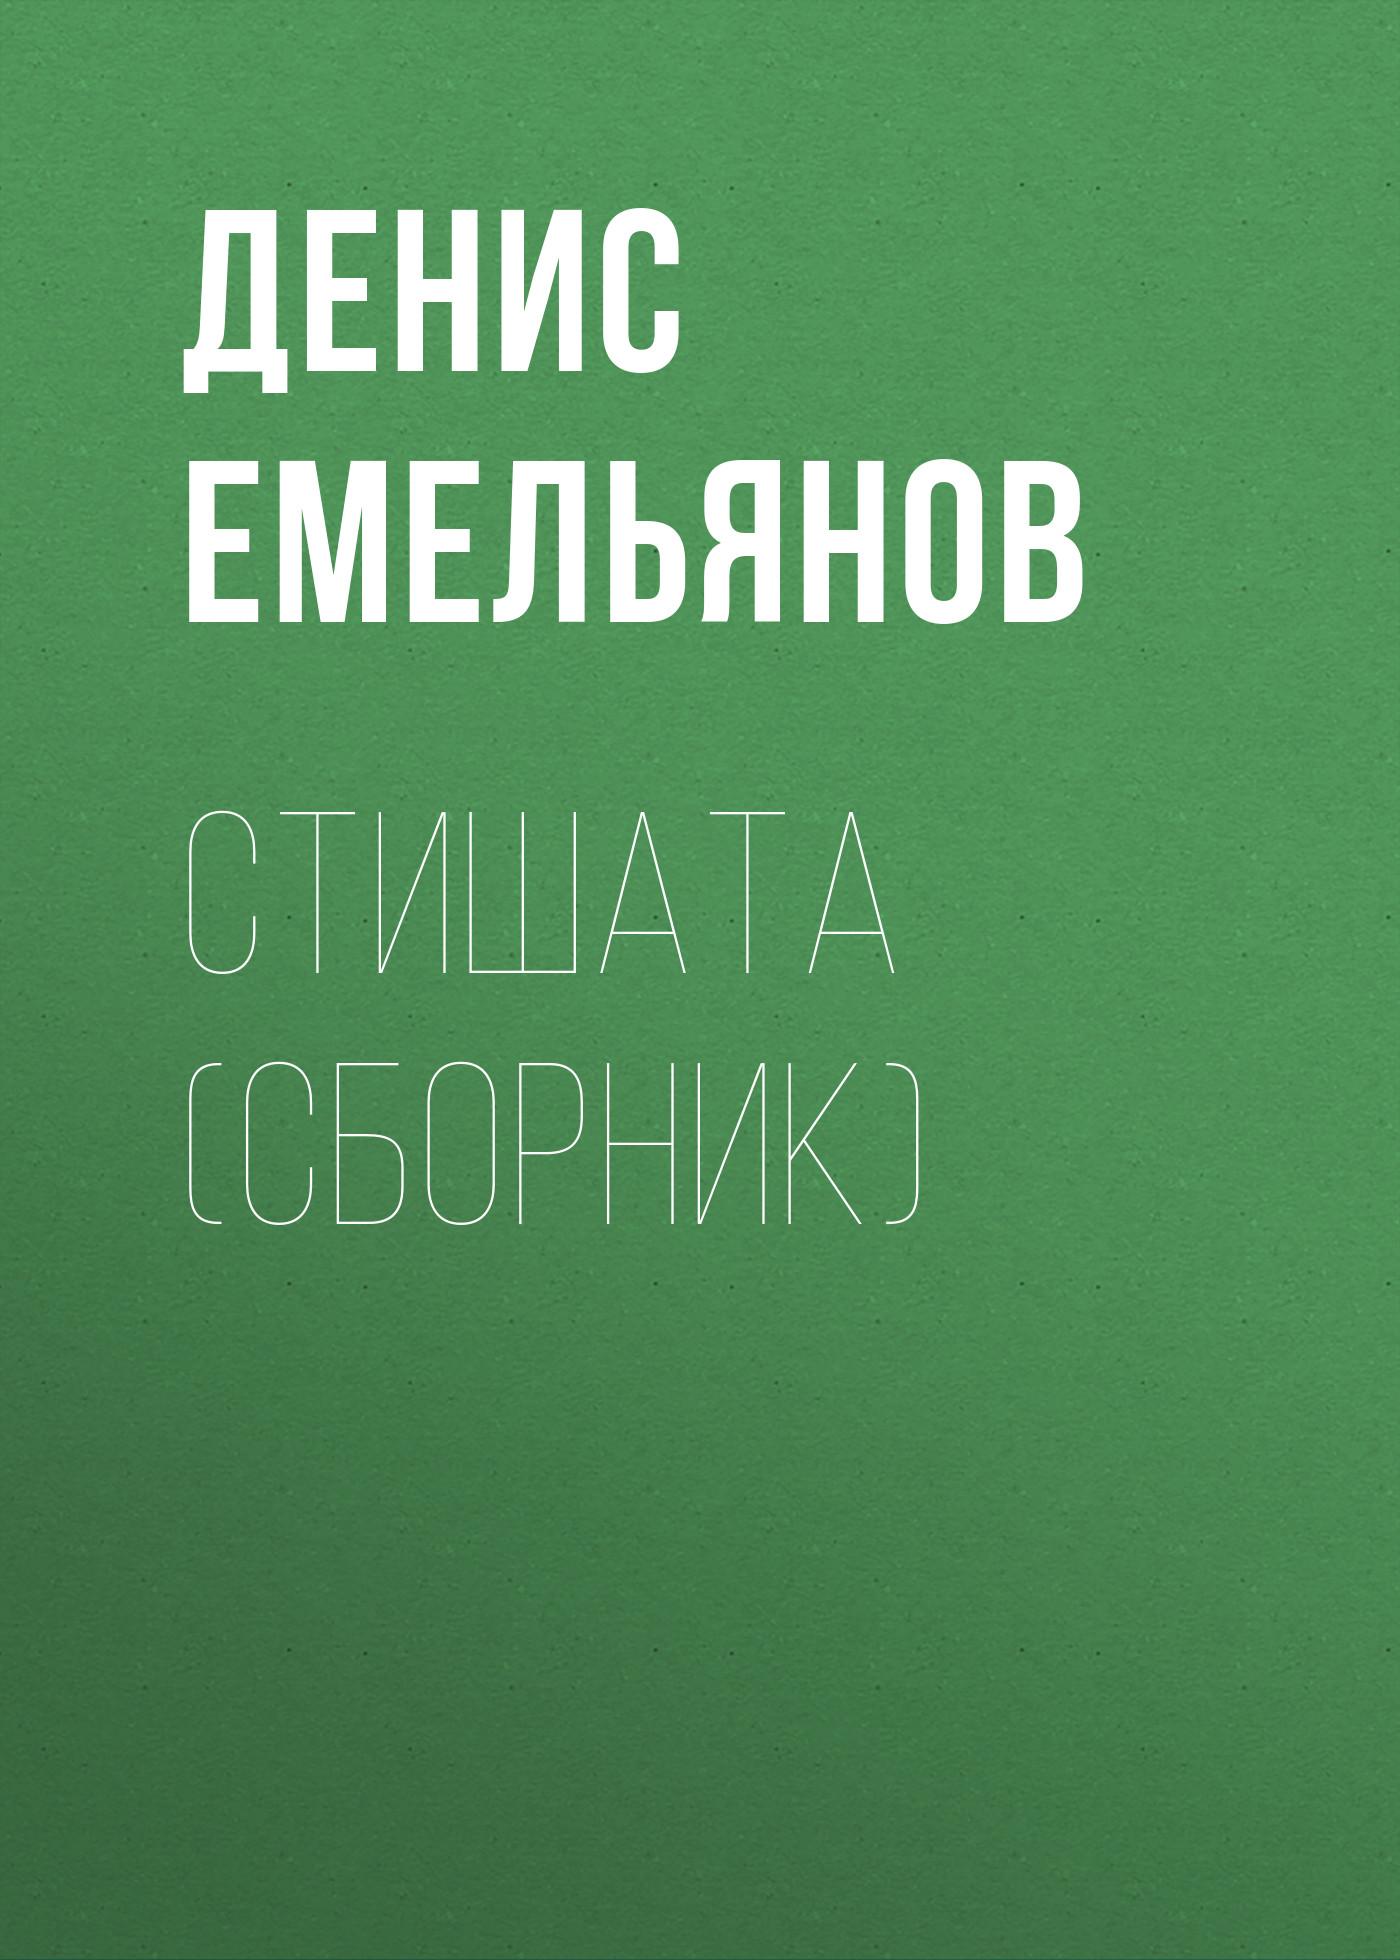 Денис Емельянов Стишата (сборник)